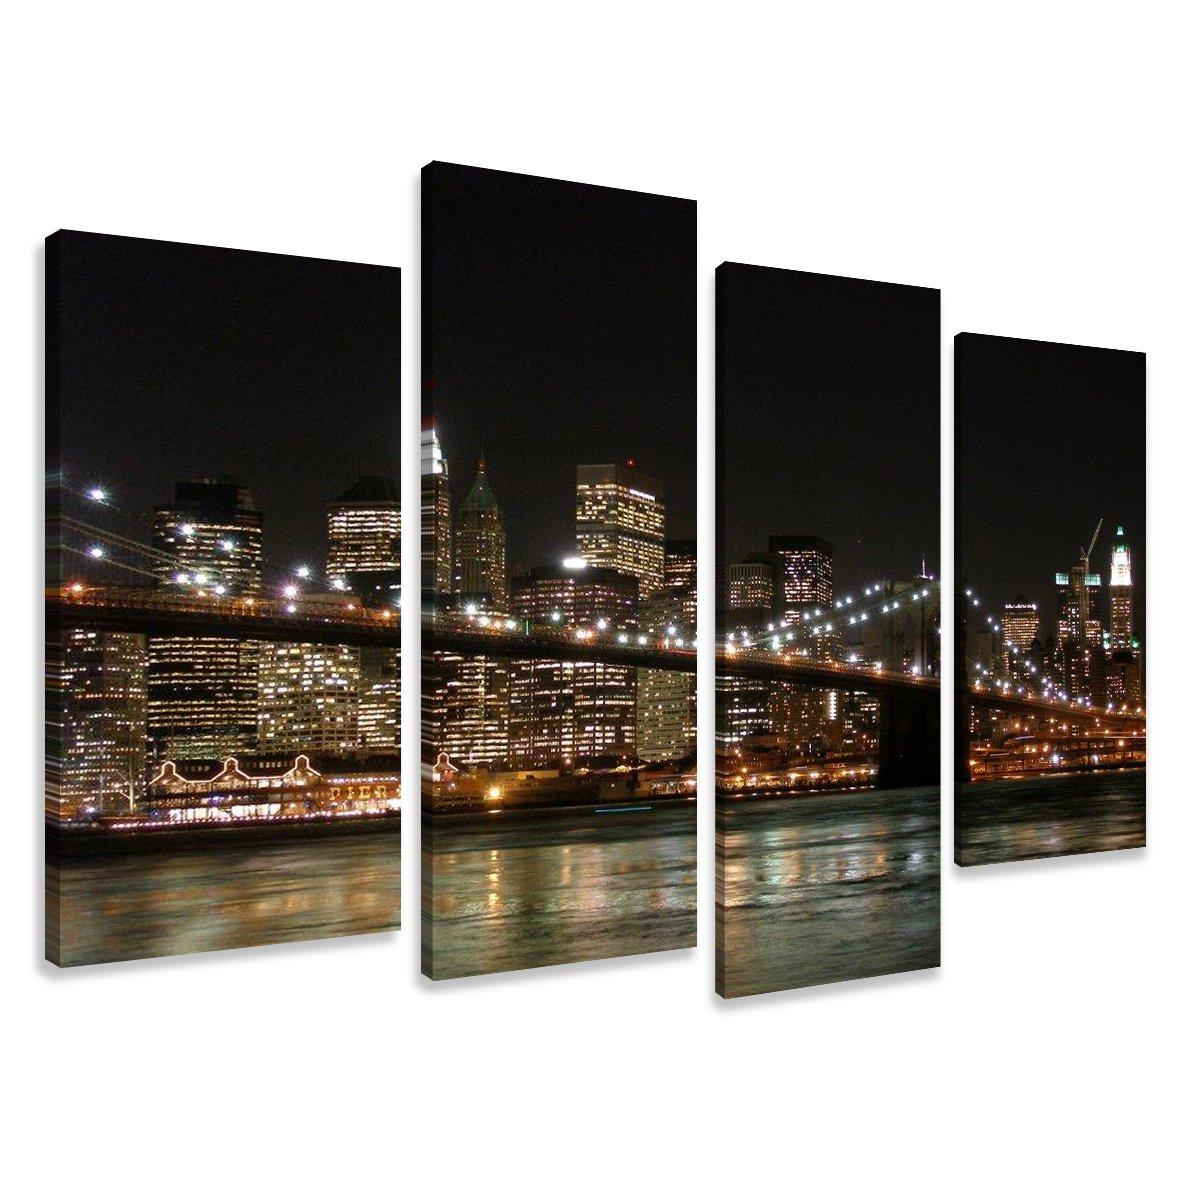 Cuadros en Lienzo Nueva York 130 x 80 cm modelo Nr. 6008 XXL Las imágenes estan listas, enmarcadas en marcos de Madera auténtica. El diseño de la impresión artística como un Mural enmarcado. - Electrónica - Comentarios y más información